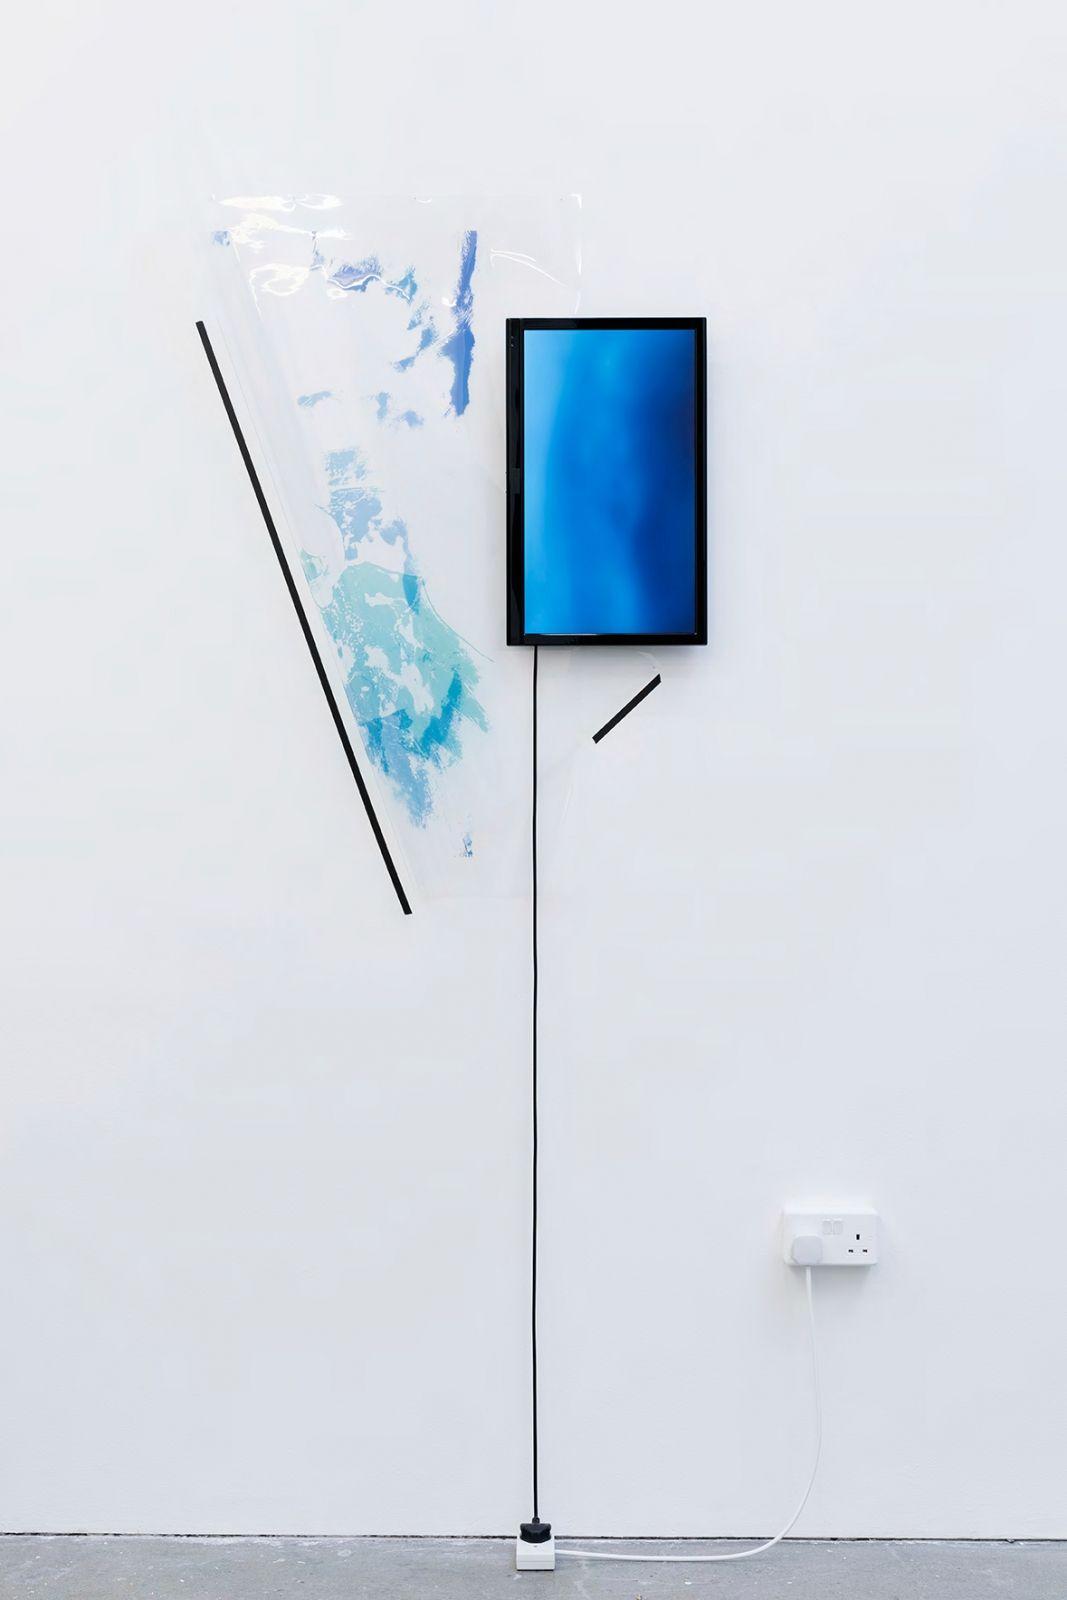 Marco Strappato RCA Show '15, 2015 veduta dell'installazione, Royal College of Art, Londra